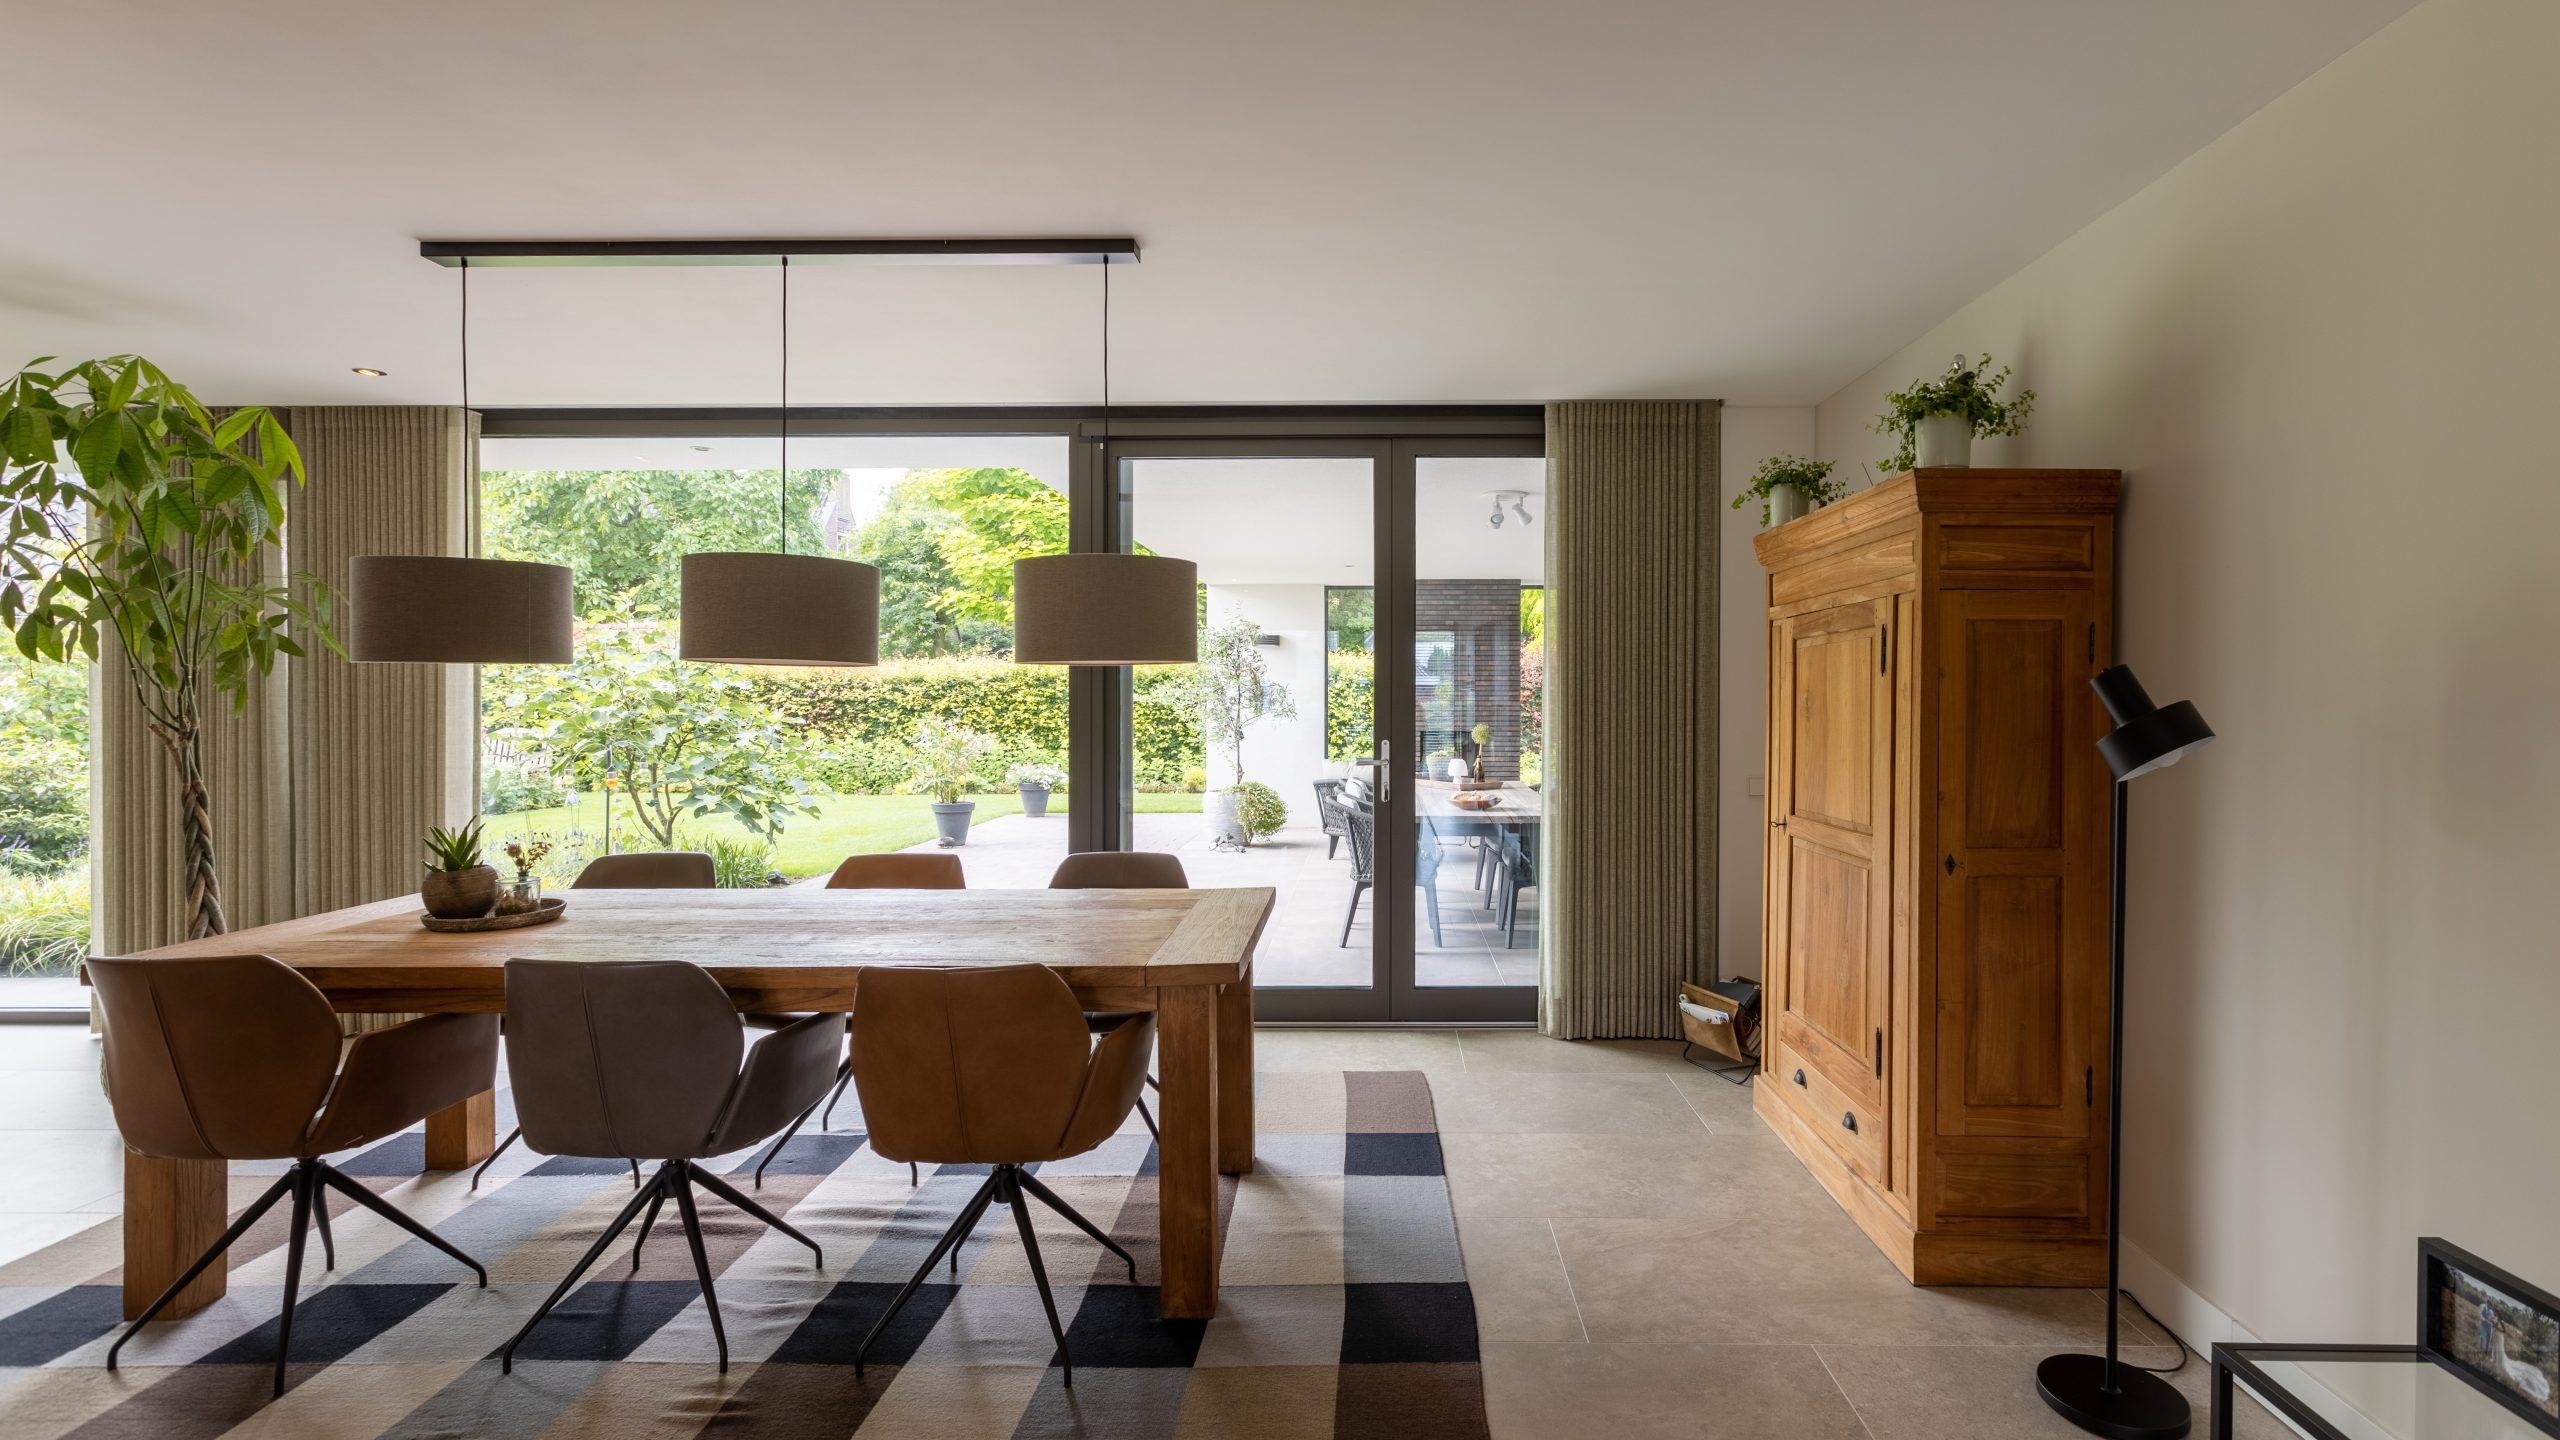 villa modern Deurne architect Noord brabant Eindhoven